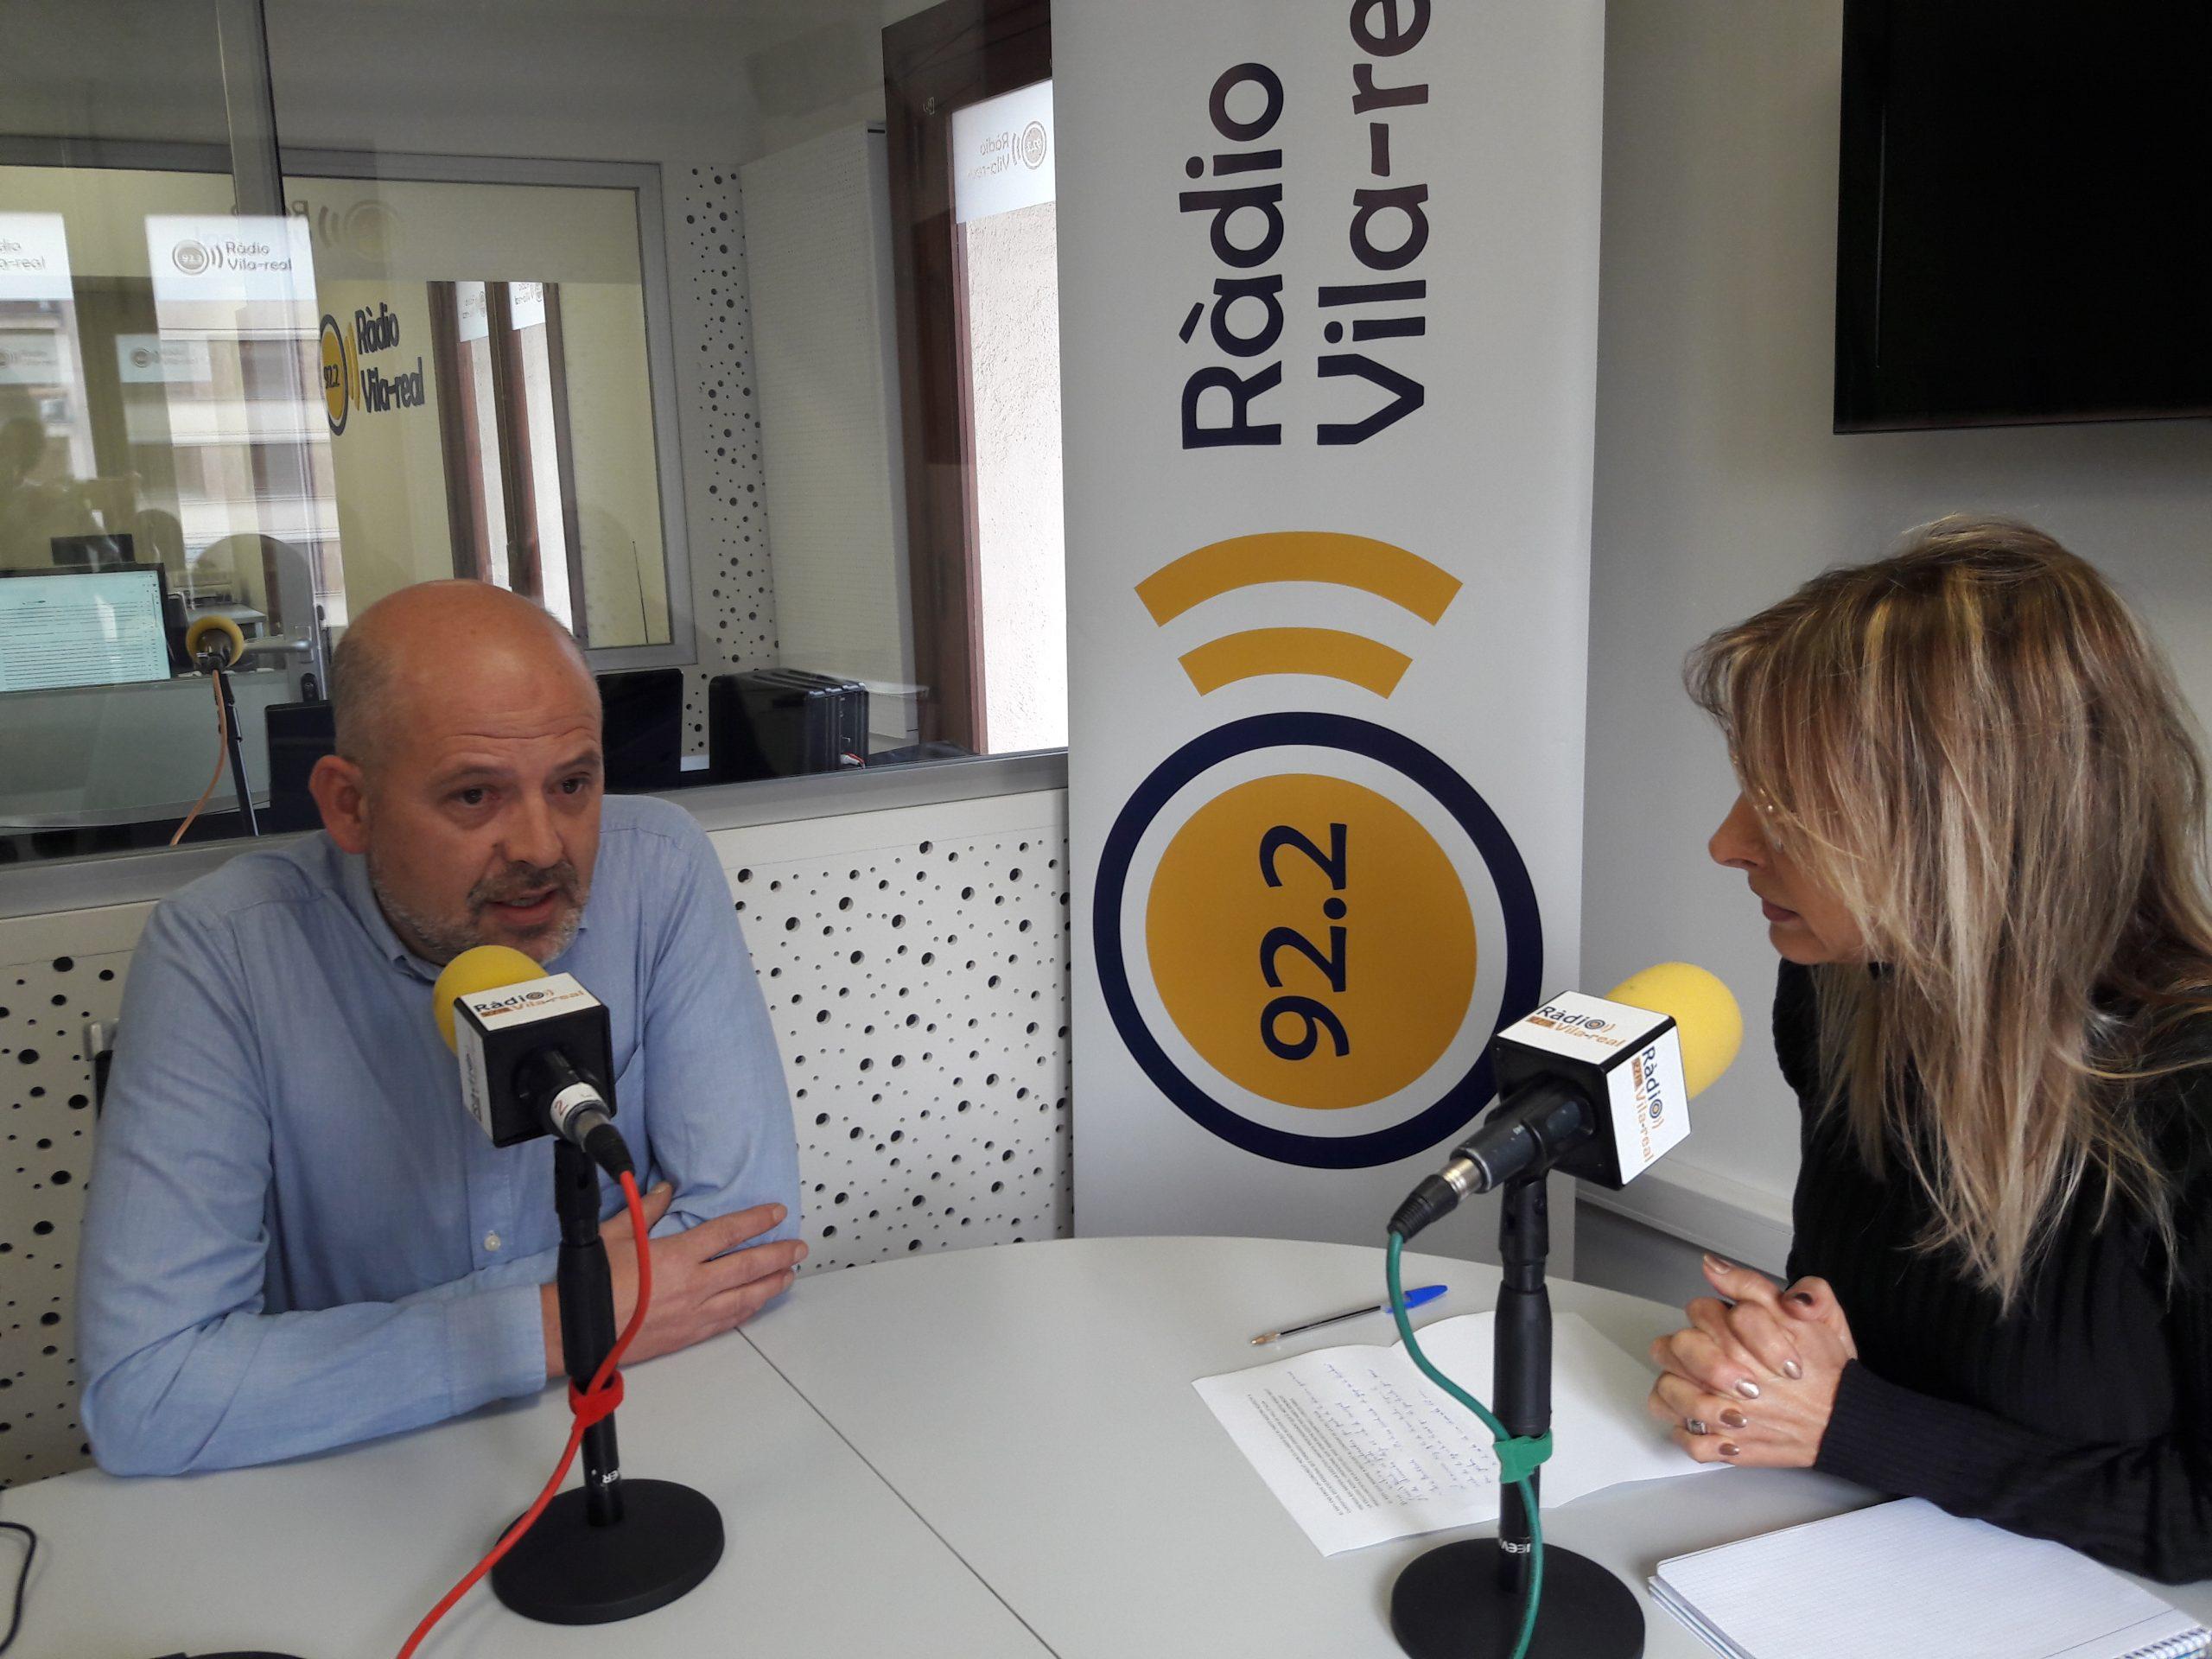 Entrevista con Fernando Grande tras la dimisión de la Ejecutiva local del PSPV-PSOE en Vall d'Alba